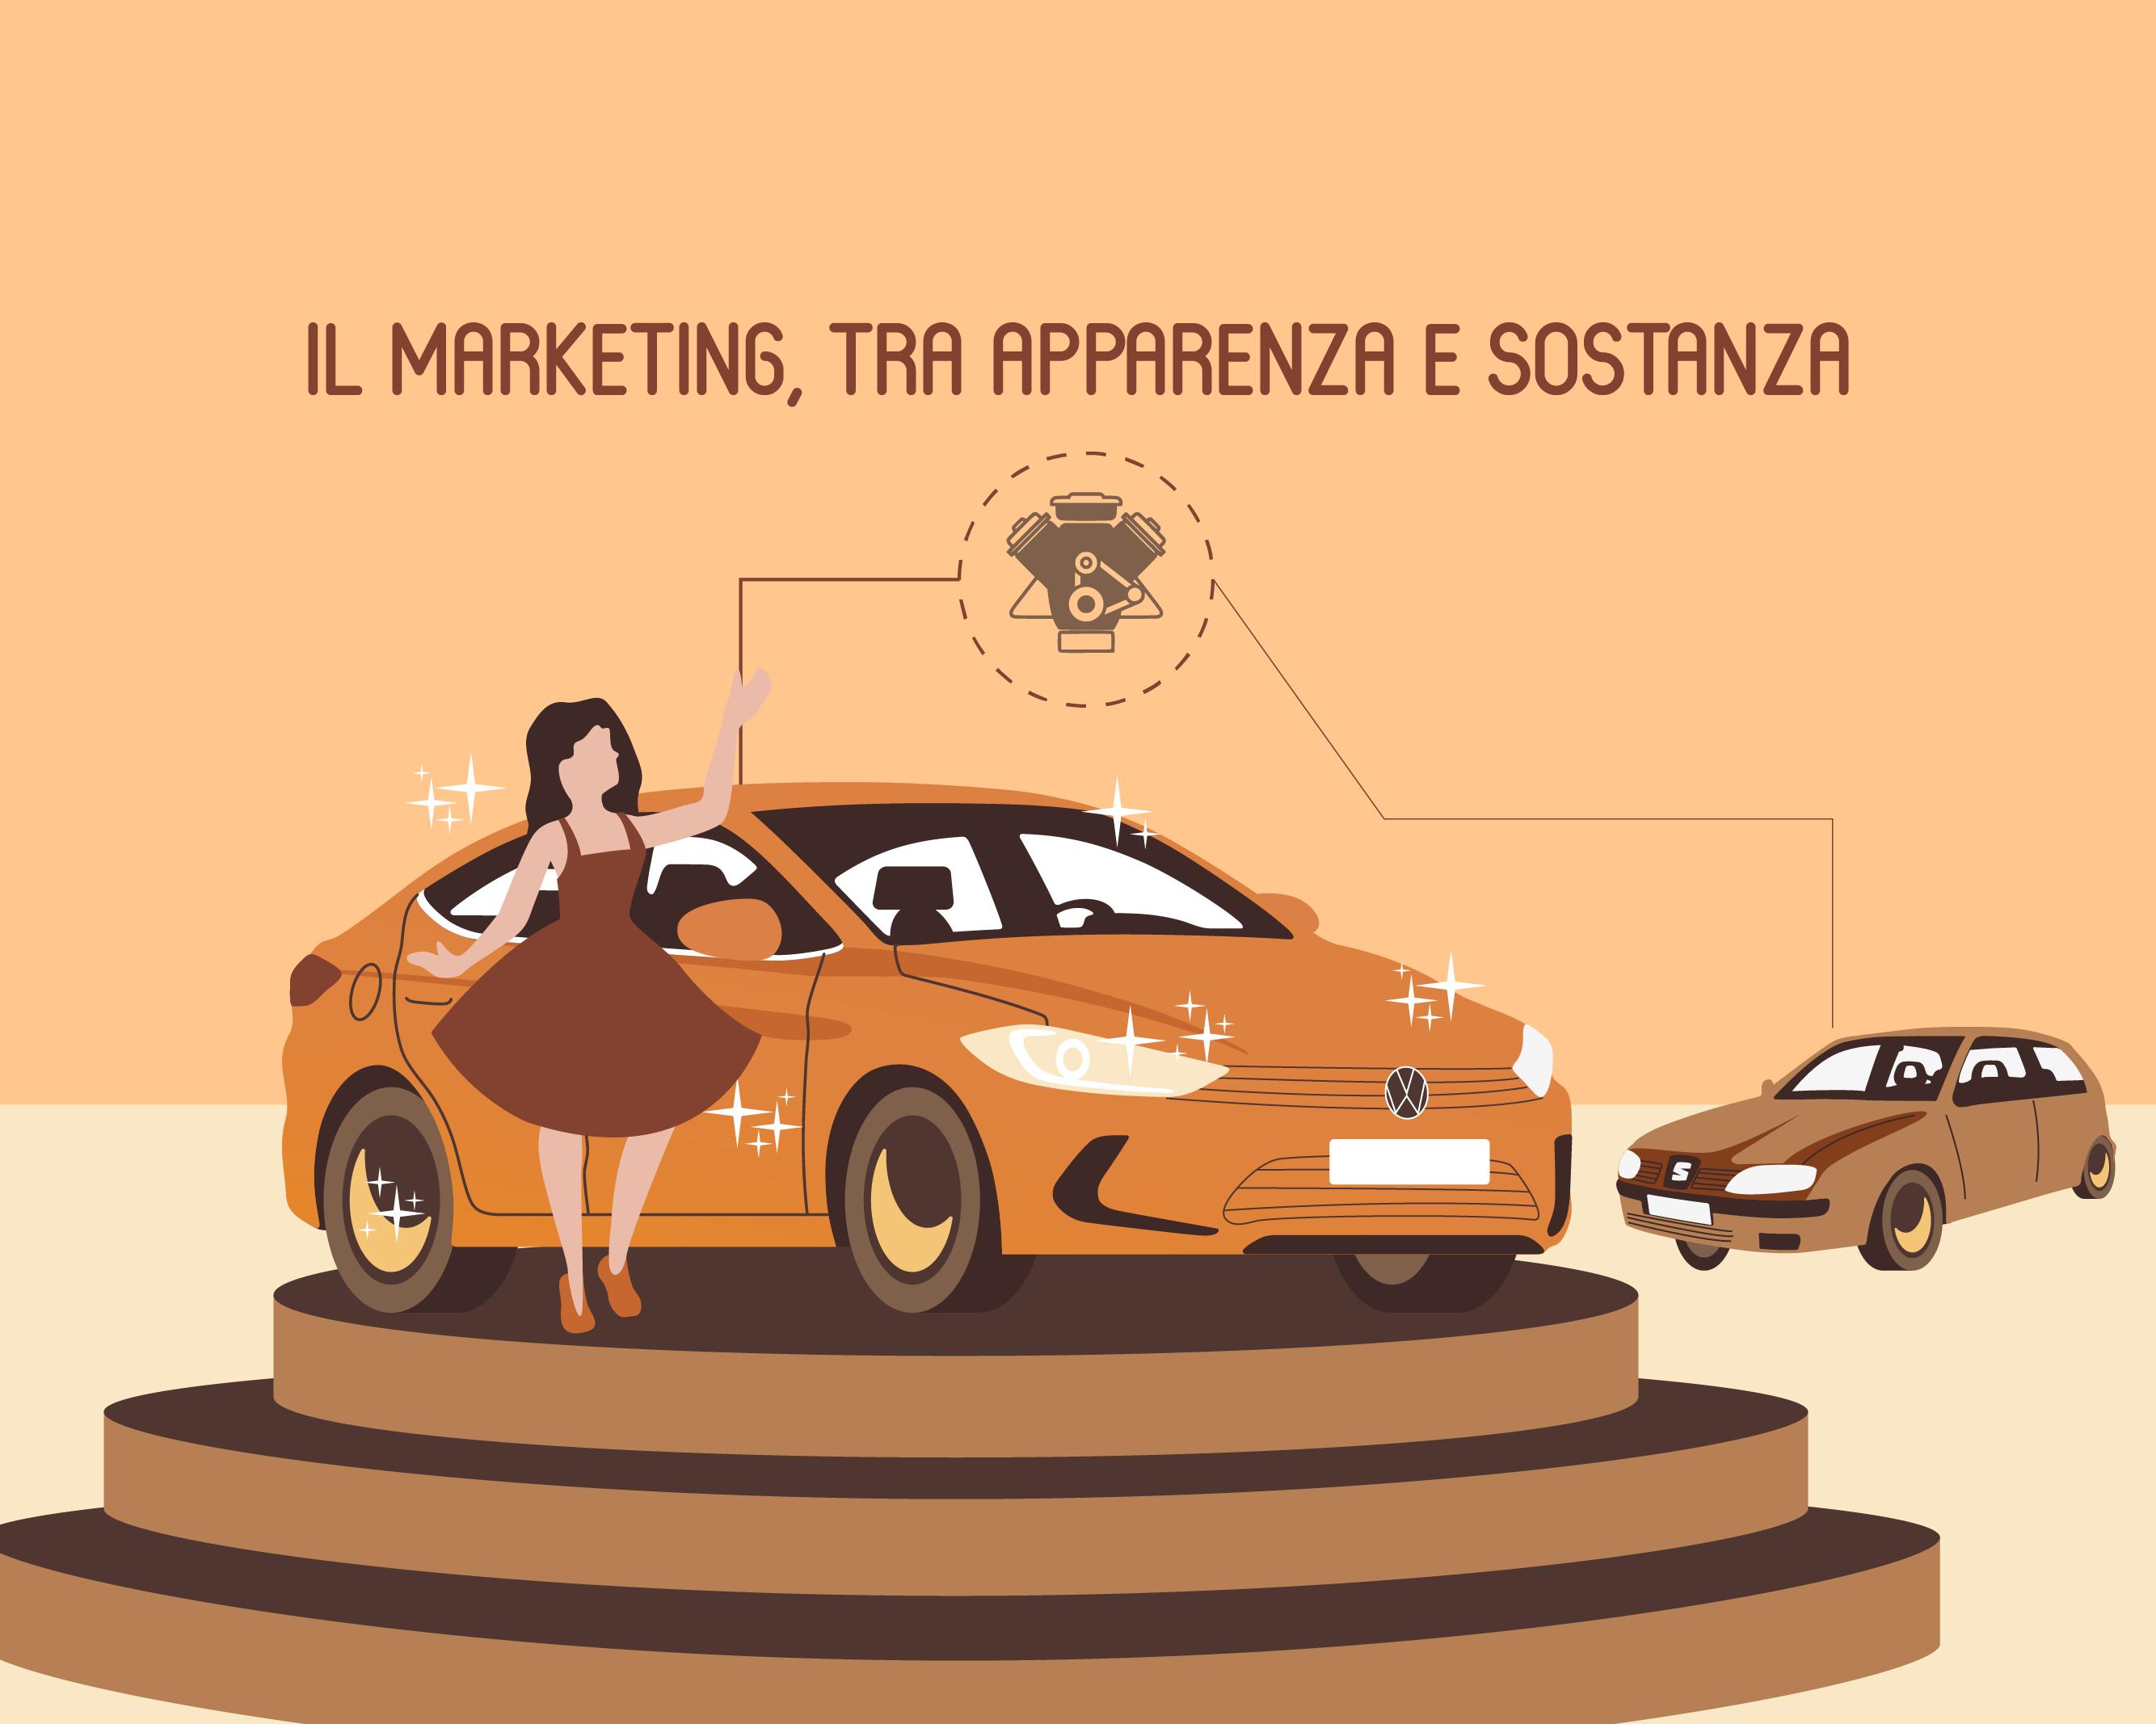 Il marketing, tra apparenza e sostanza